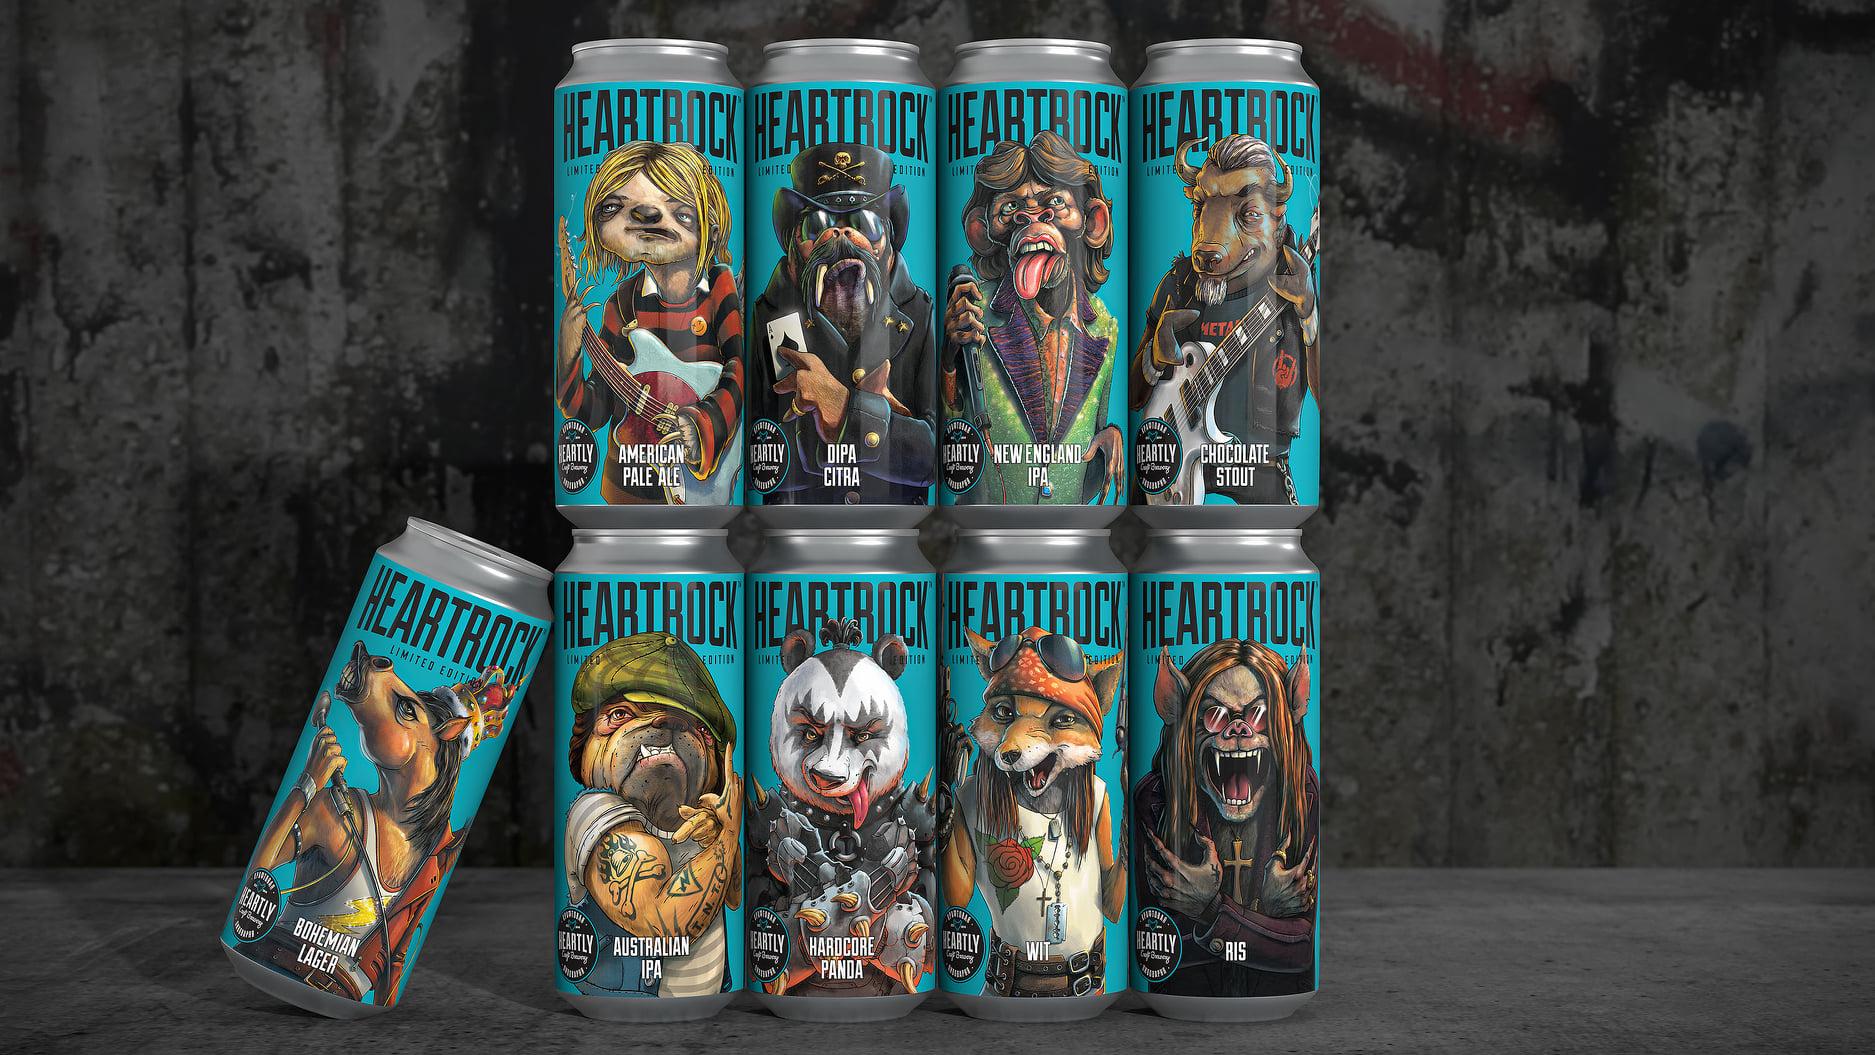 CUBA Creative Branding Studio – Heartrock Beer